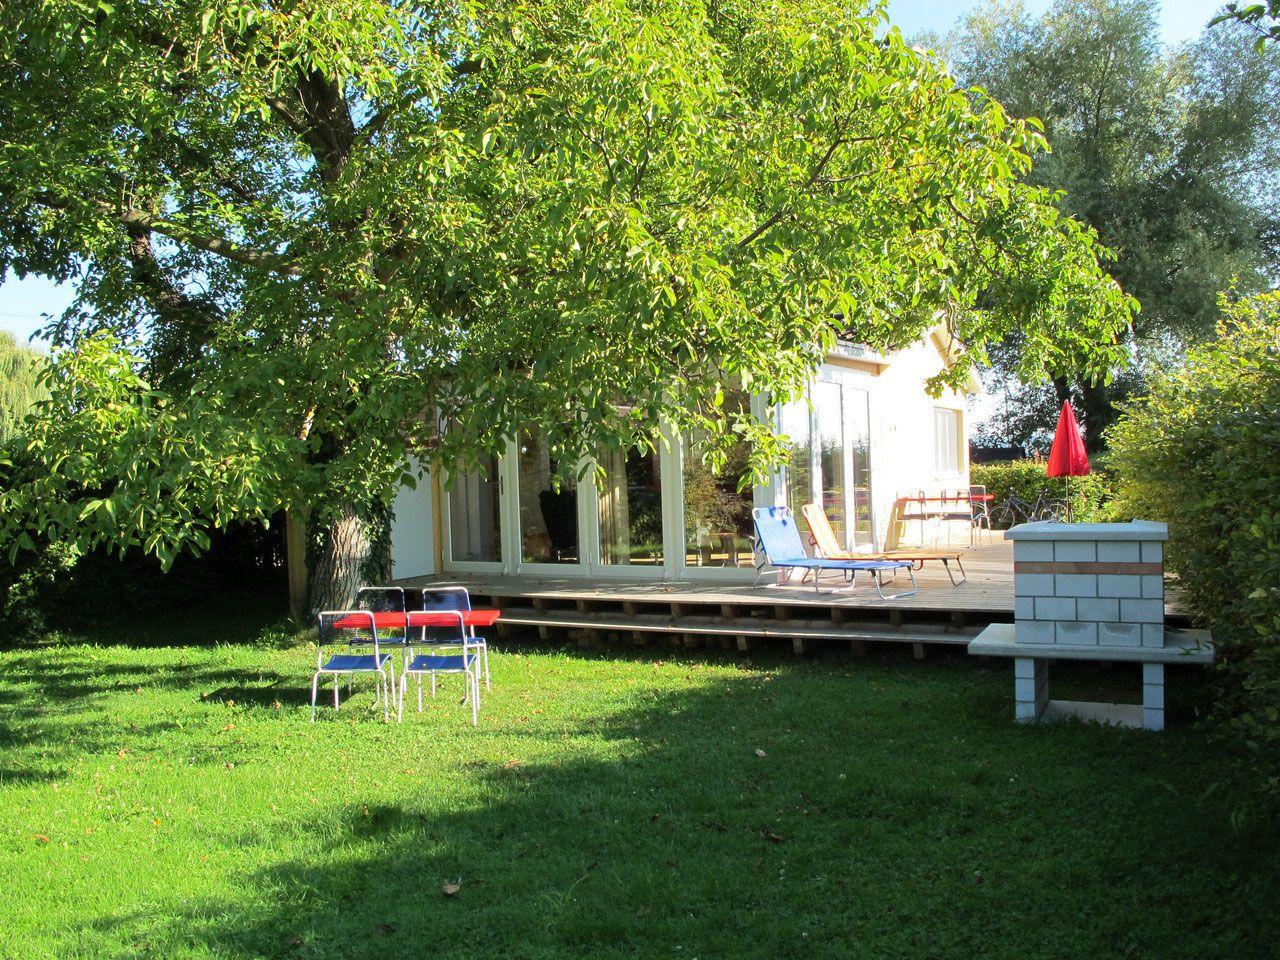 Gemütliches Ferienhaus mit modernen Komfort, Garten und